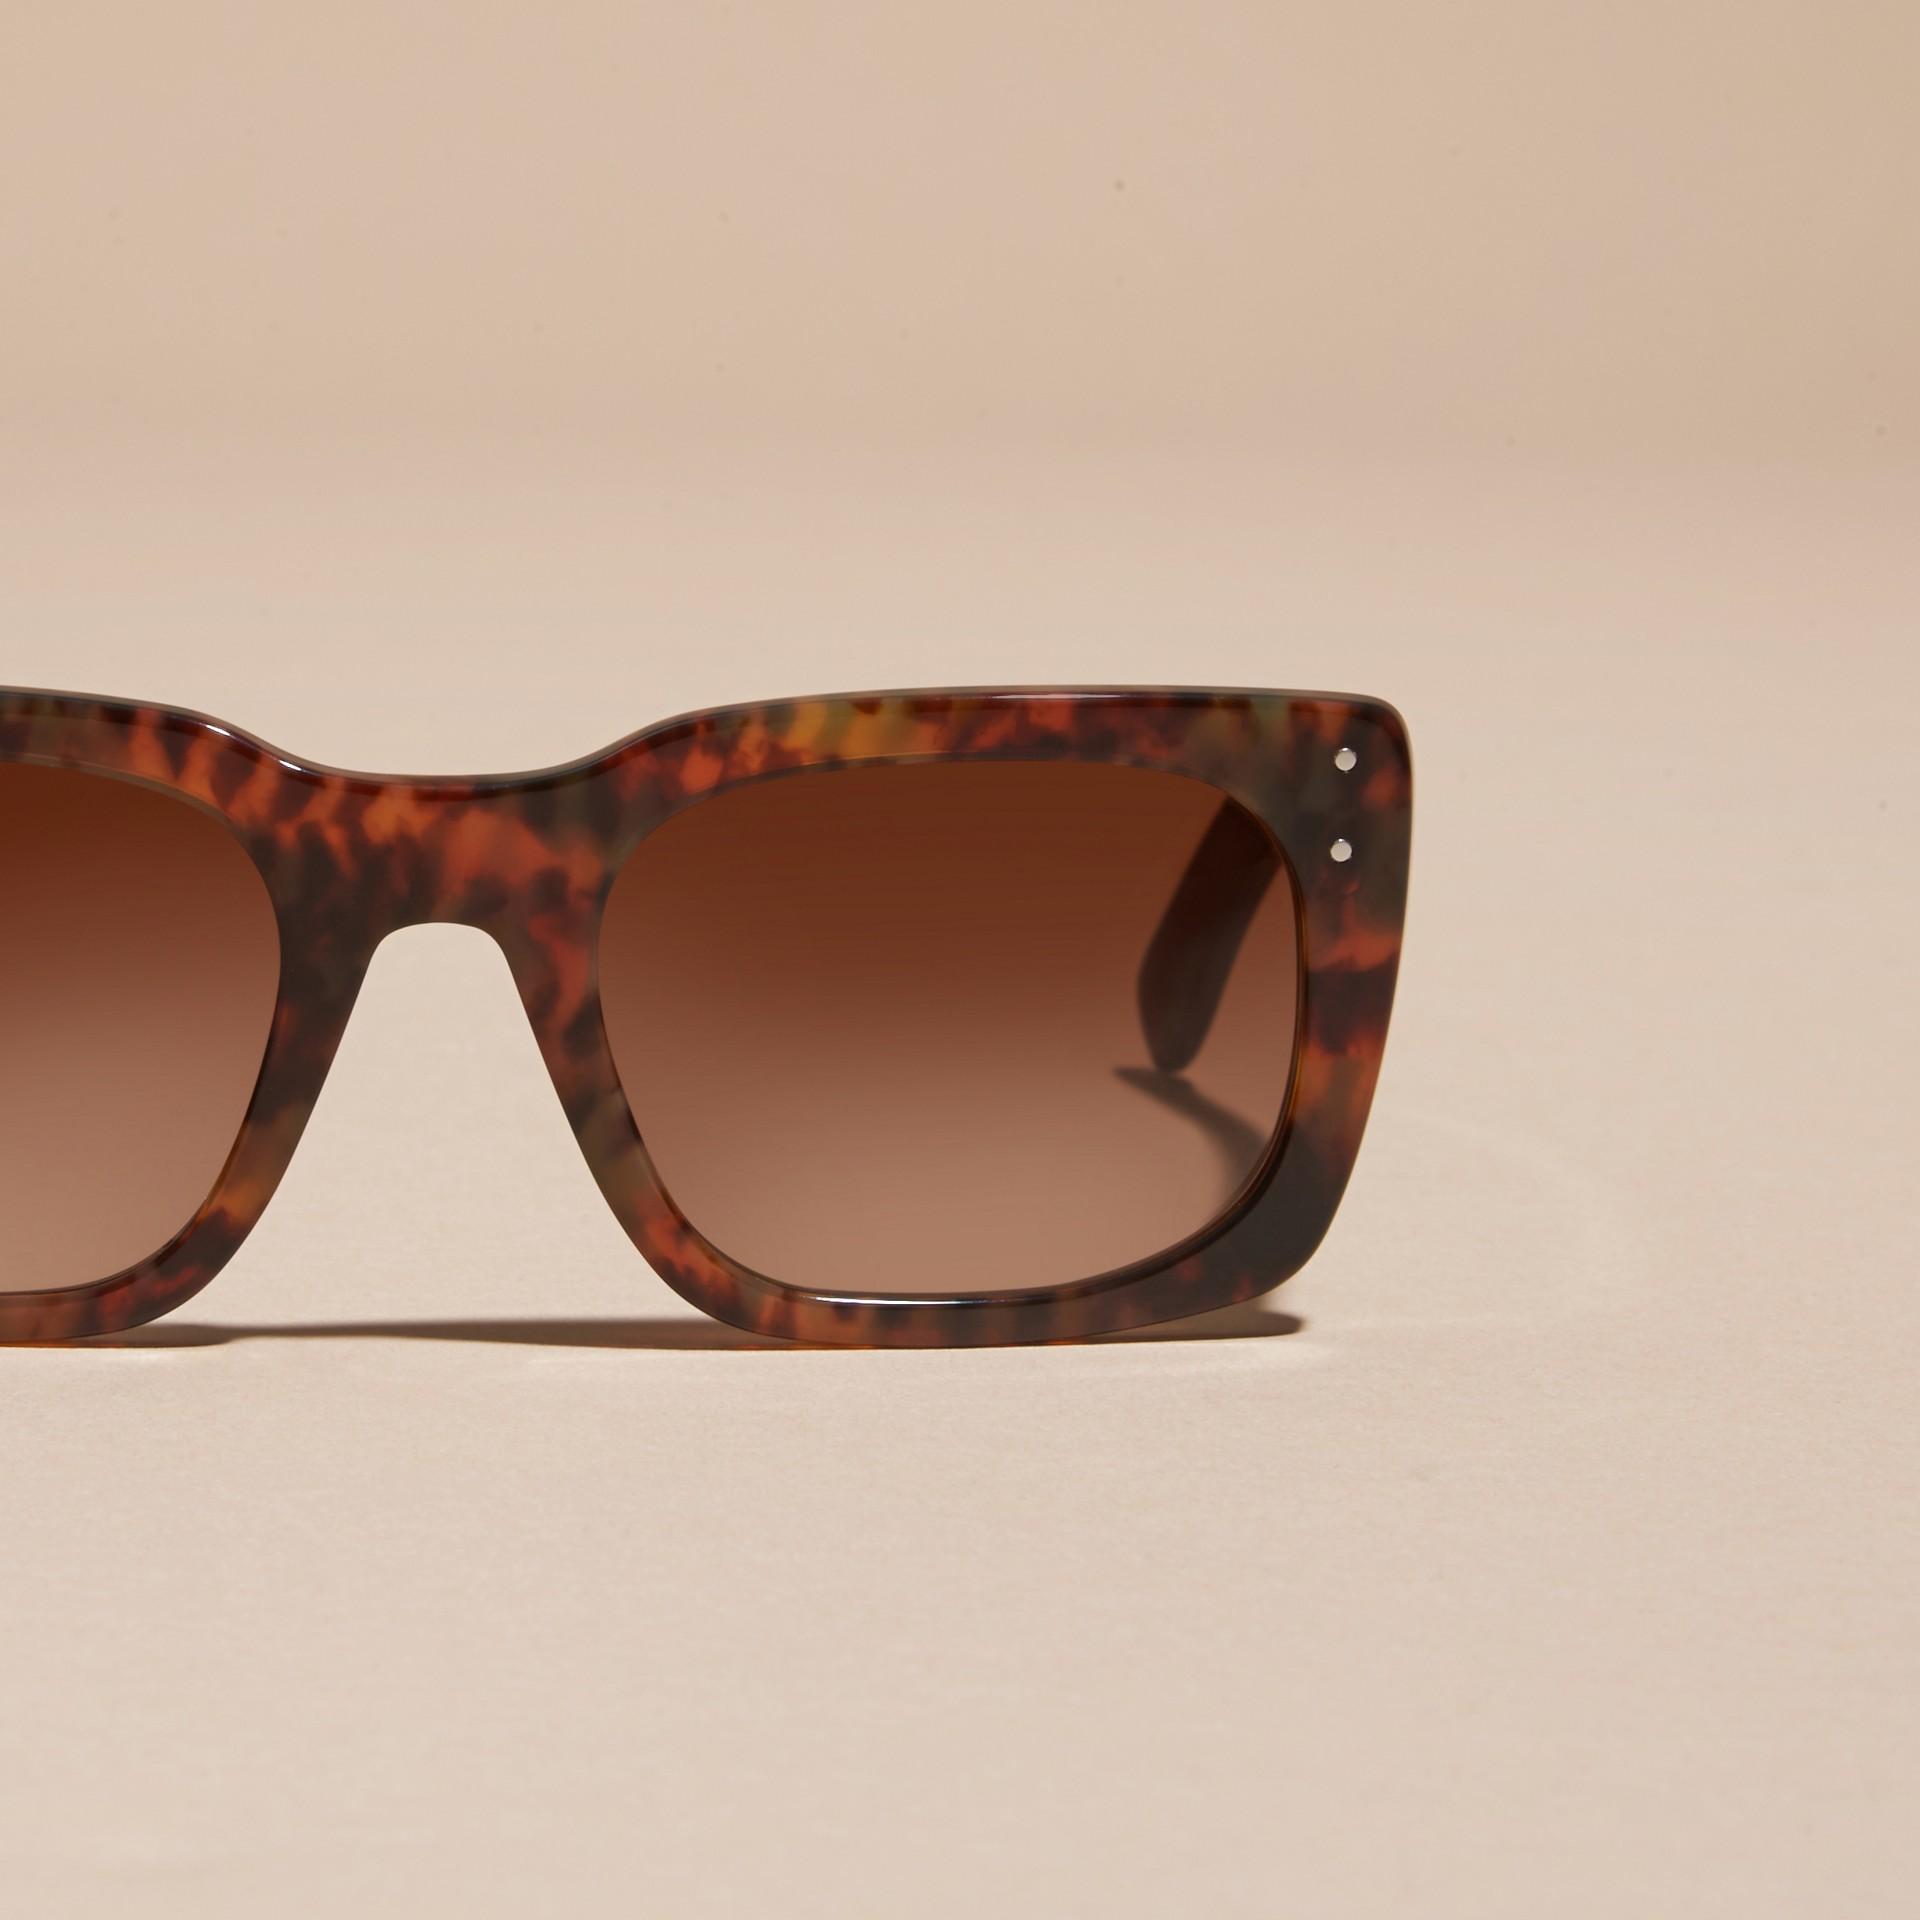 Tortoise shell Square Frame Sunglasses Tortoise Shell - gallery image 3